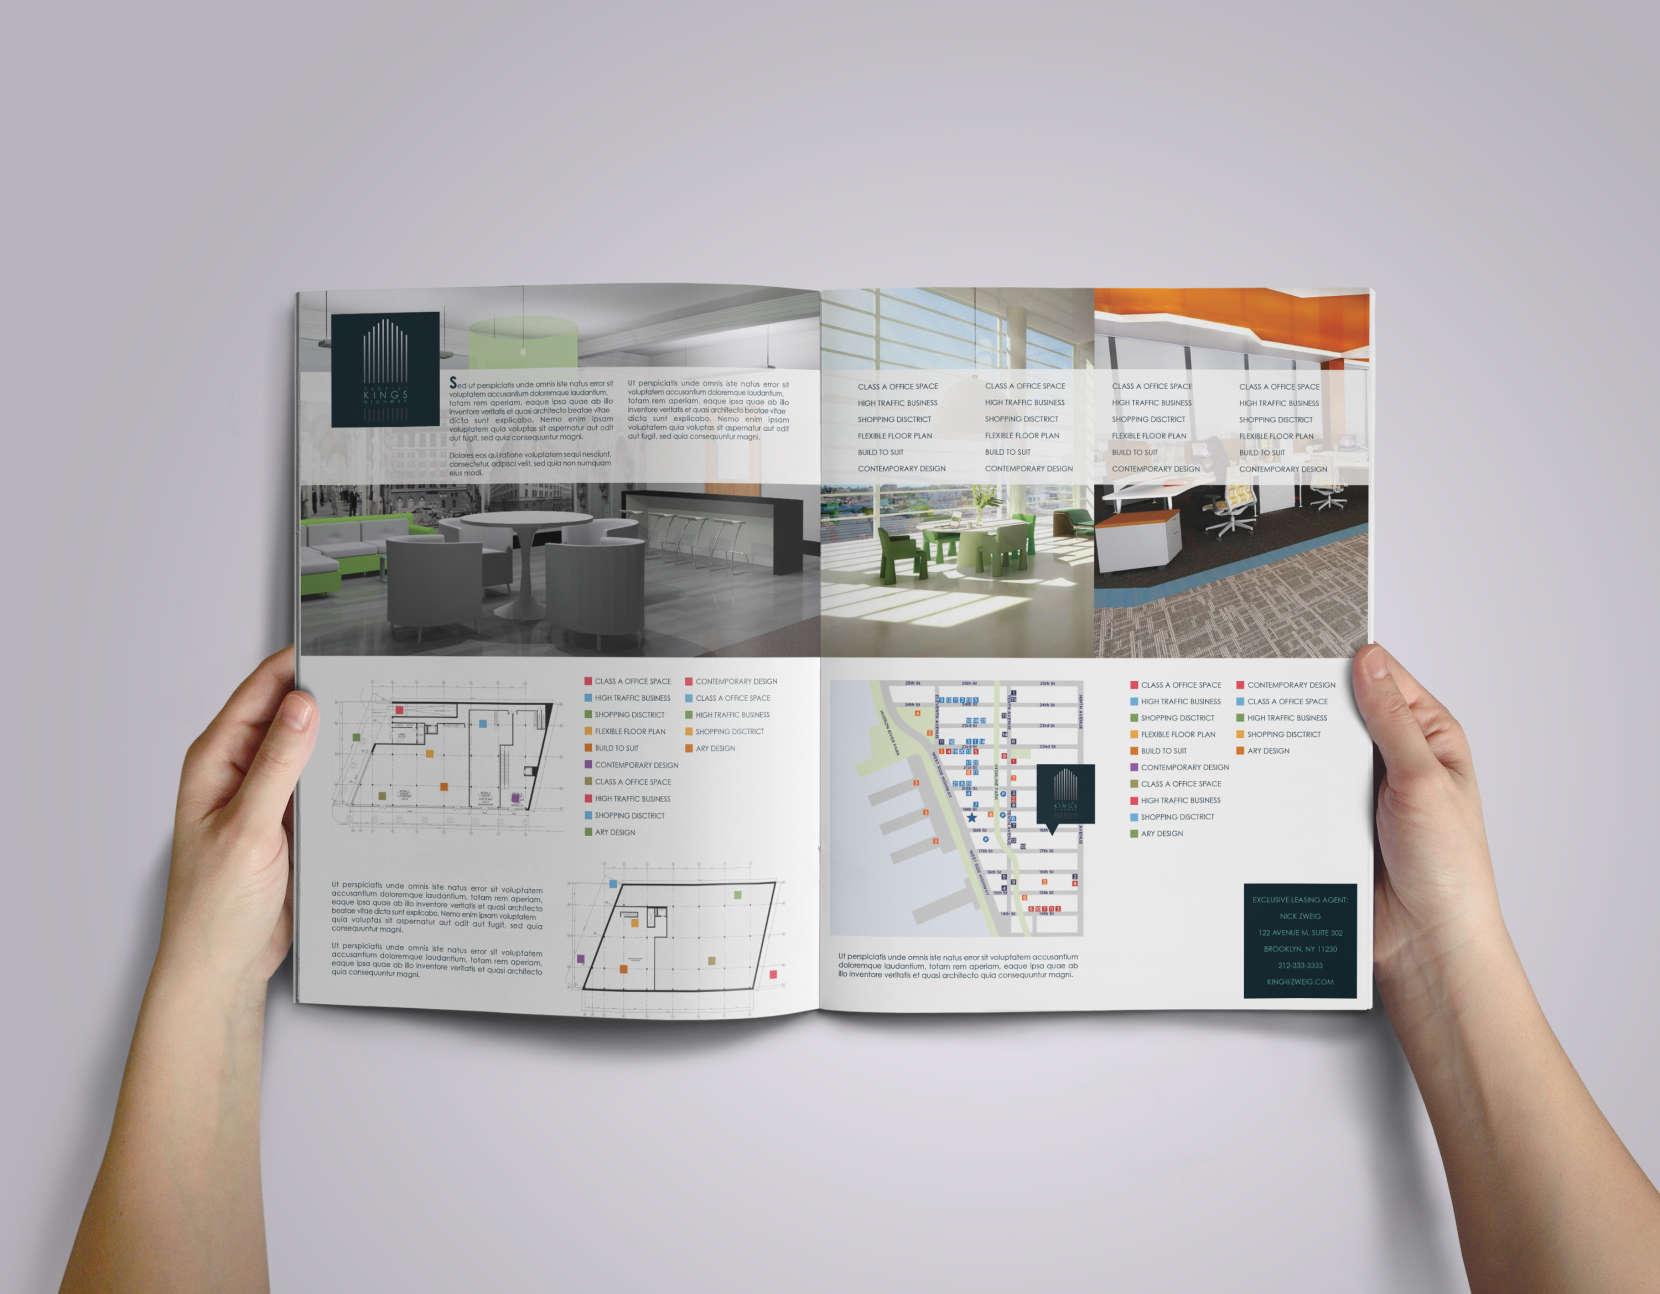 msa-brochure-2-2-1660x1294.jpg